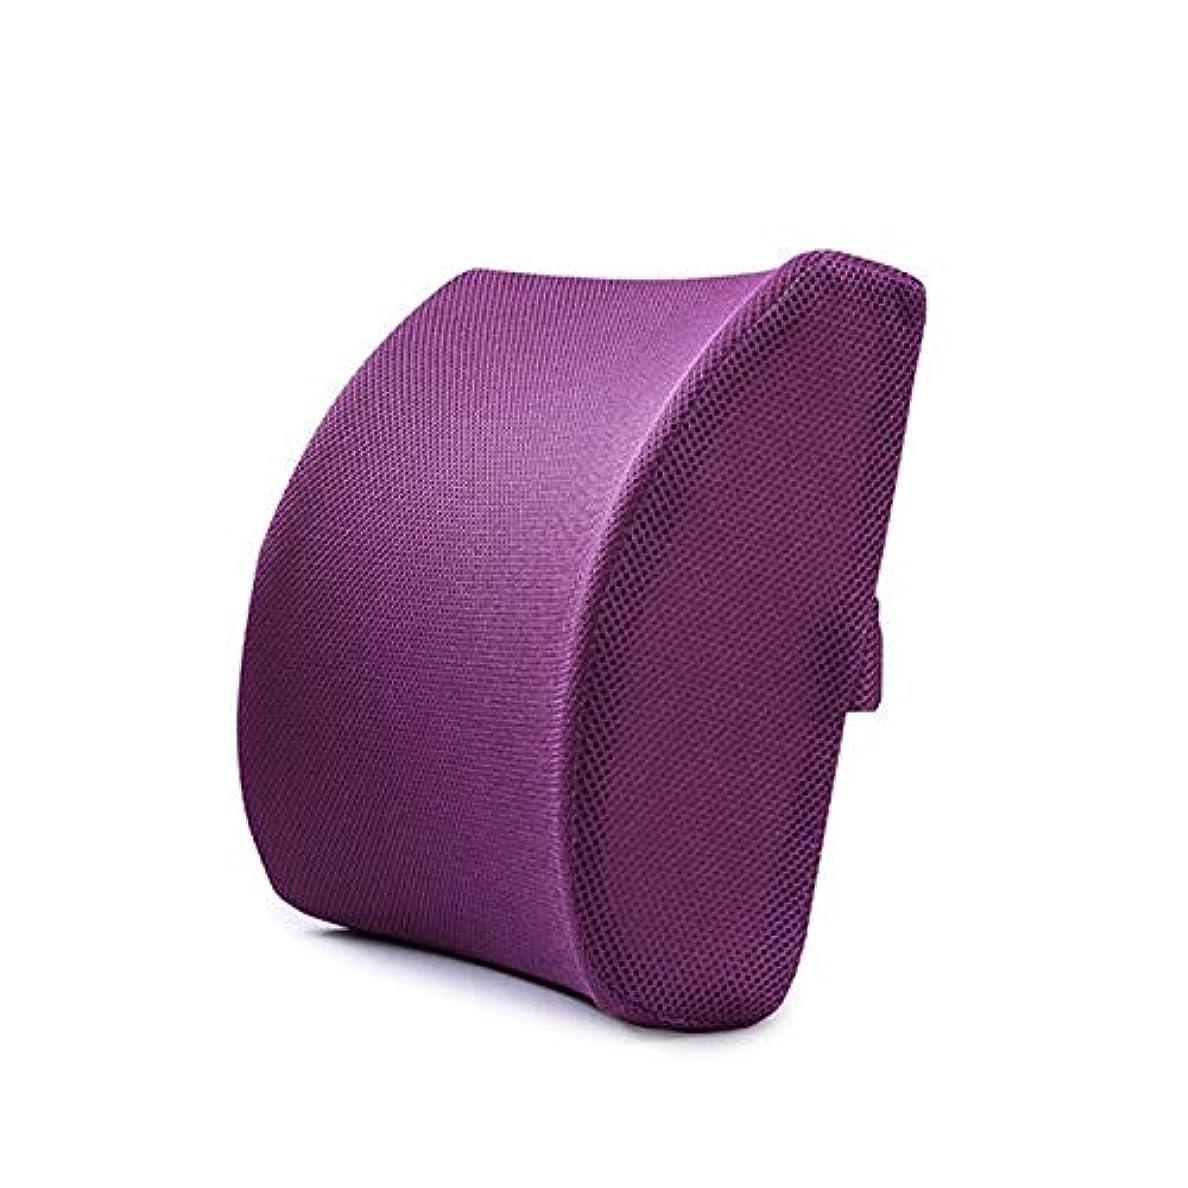 レガシーピアース要求LIFE ホームオフィス背もたれ椅子腰椎クッションカーシートネック枕 3D 低反発サポートバックマッサージウエストレスリビング枕 クッション 椅子